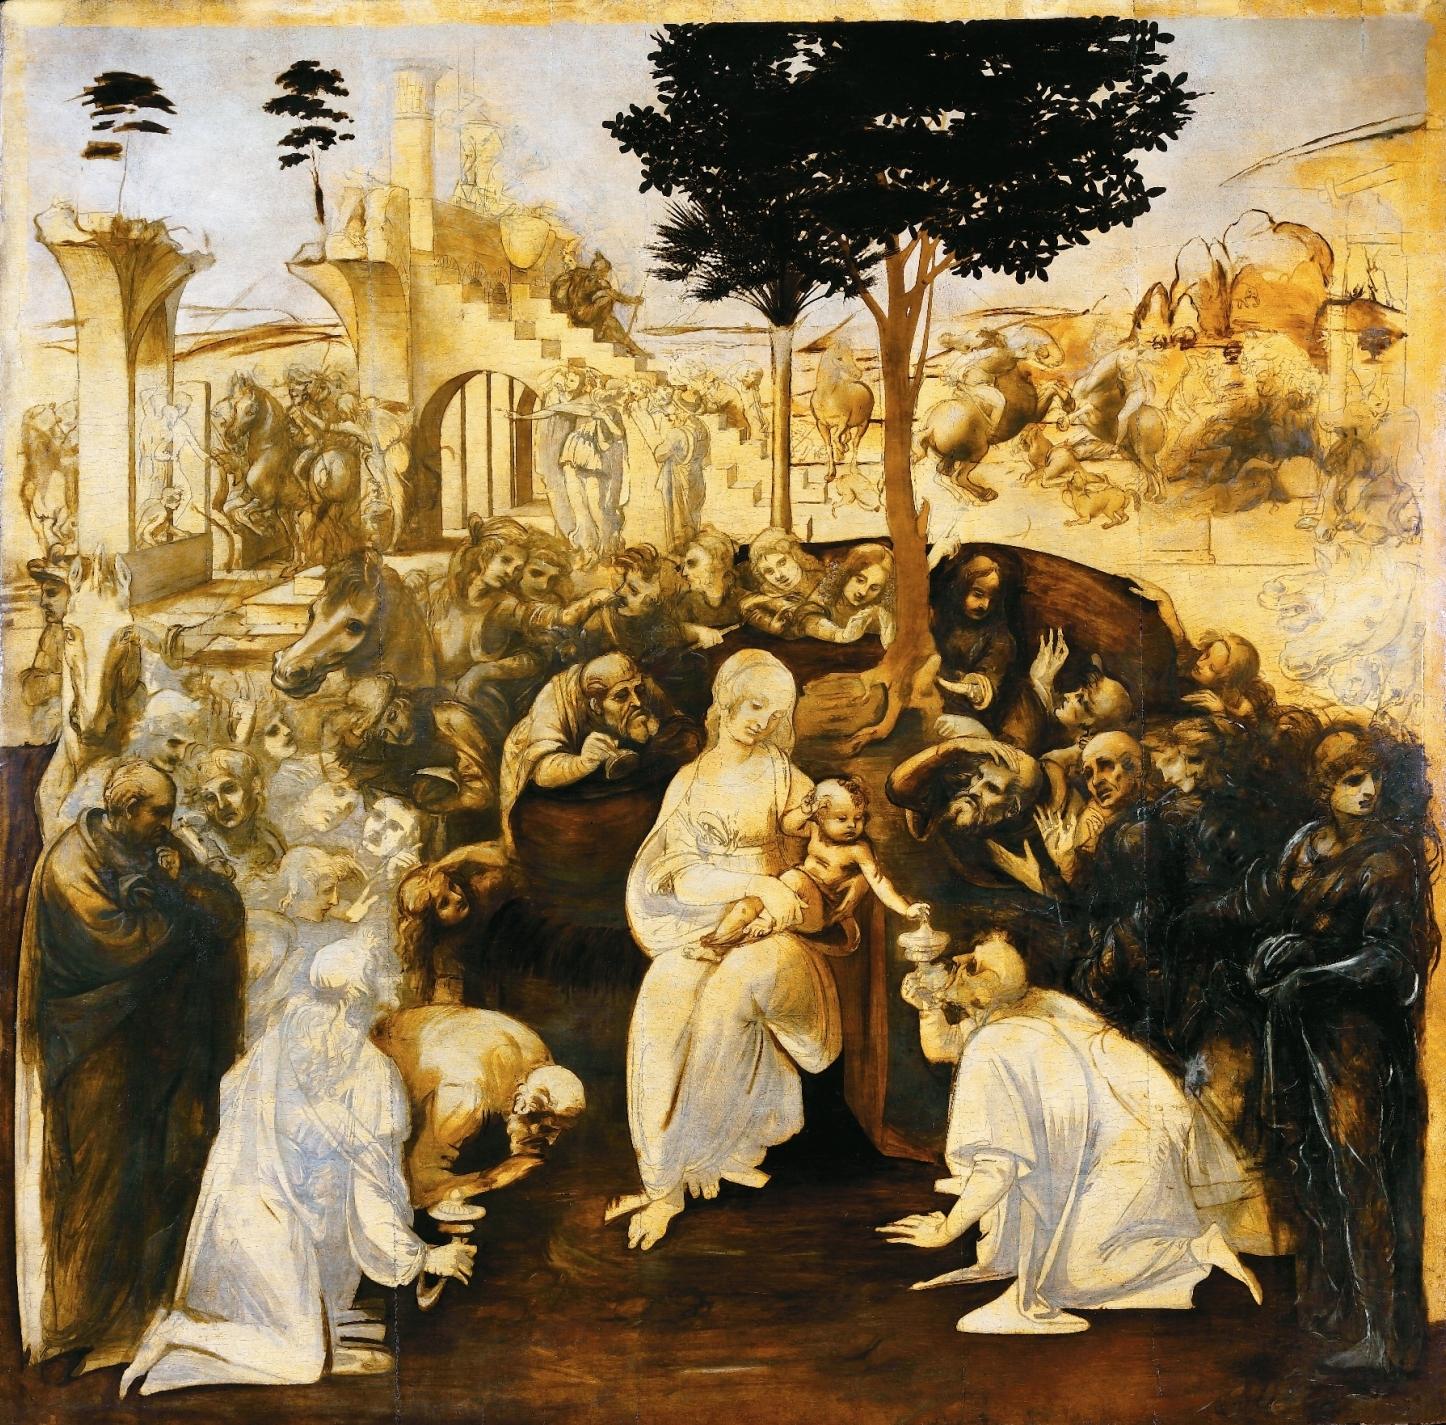 Die Anbetung der Könige aus dem Morgenland, Öl/Holz, um 1481, Florenz, Galleria degli Uffizi